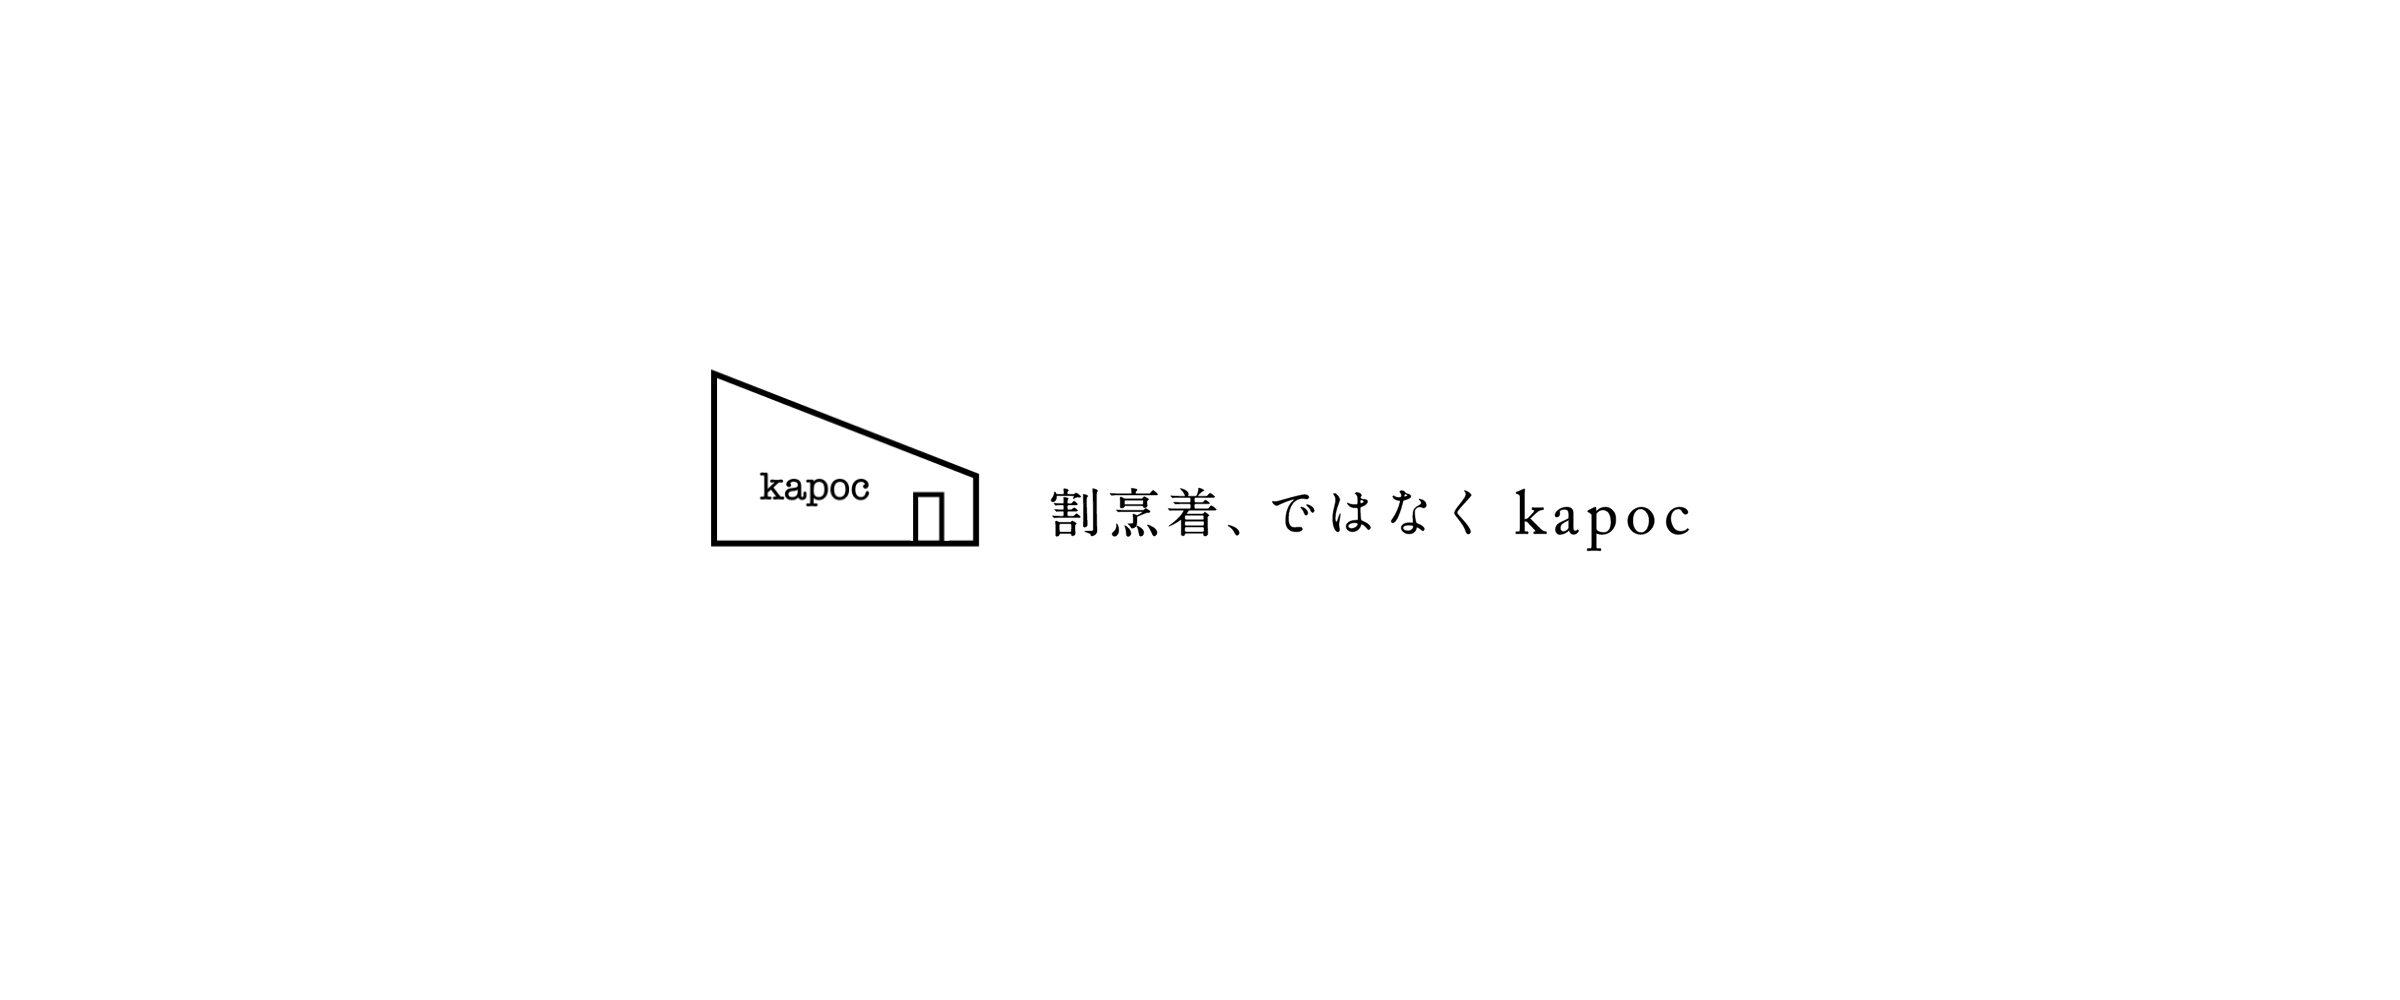 kapoc online shop から大切なお知らせ